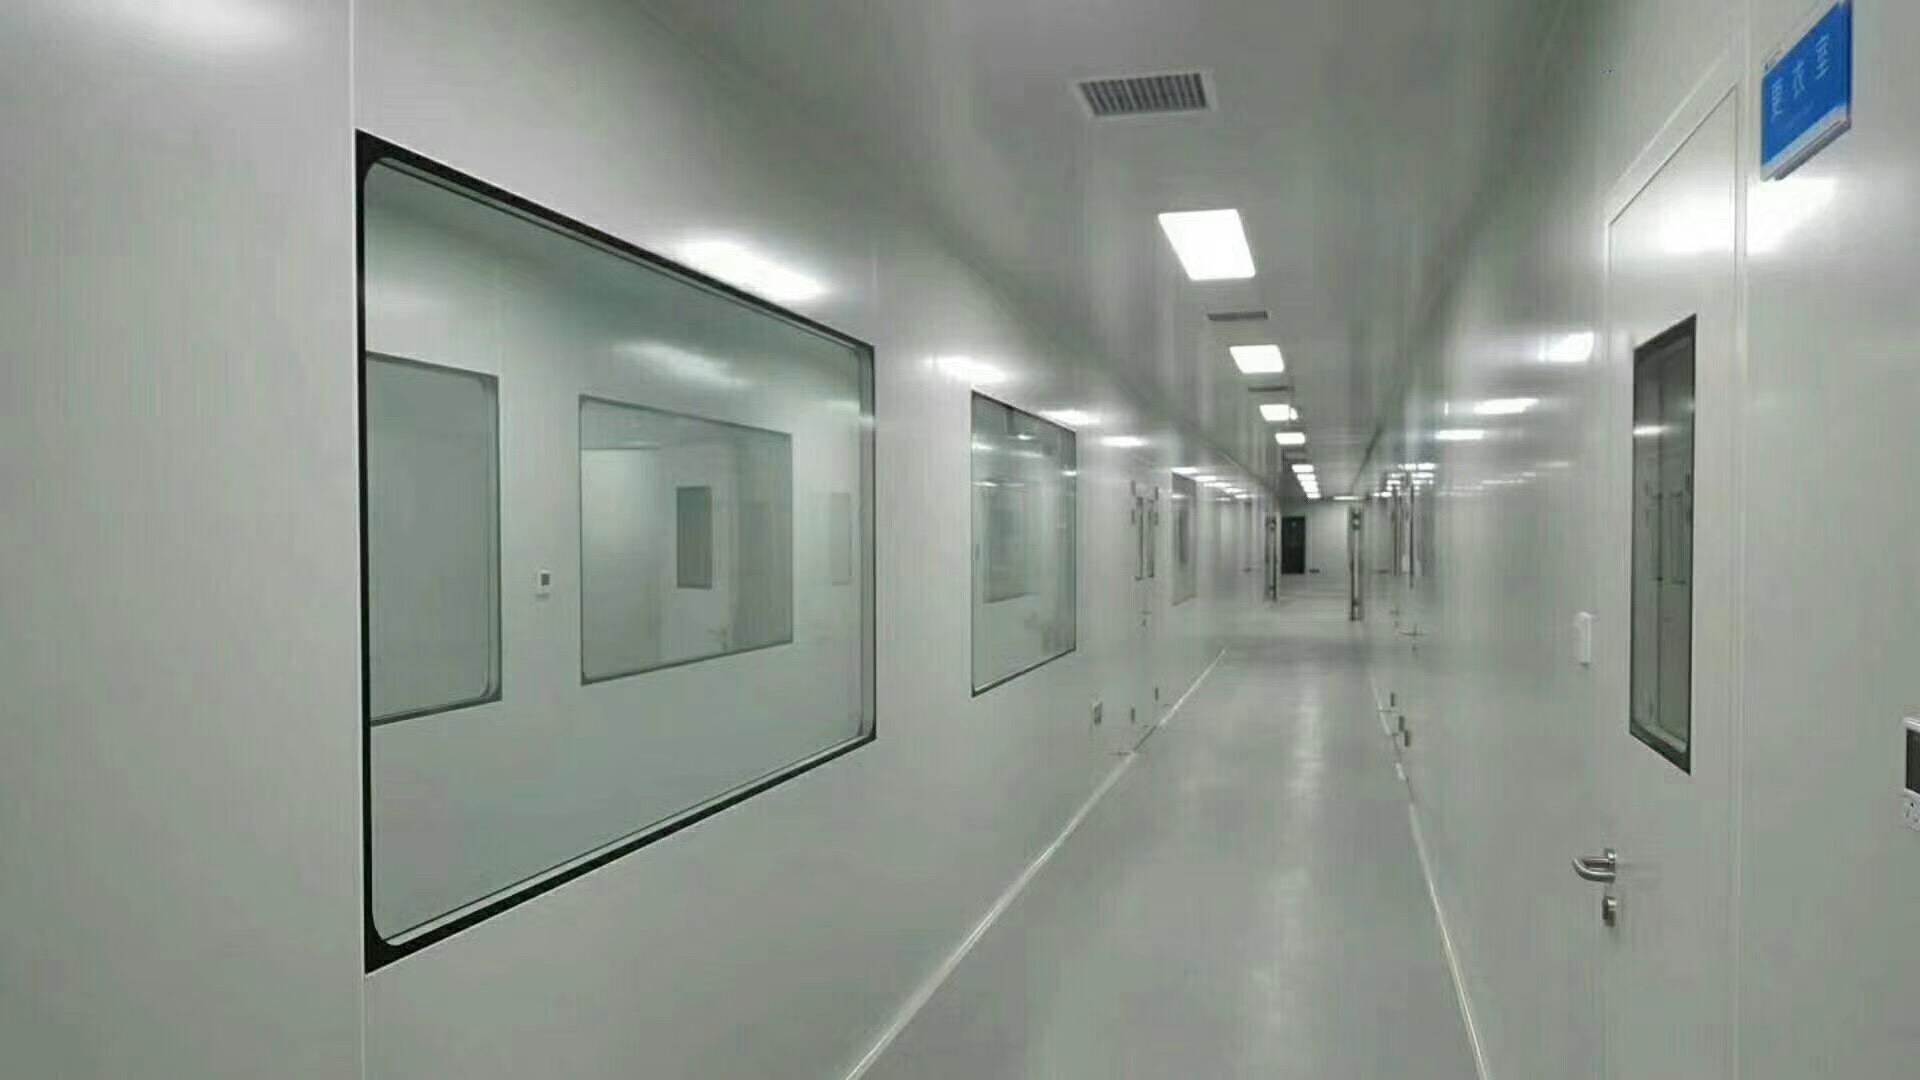 陕西省延安市安塞区妇幼保健院使用景泰源LED洁净灯